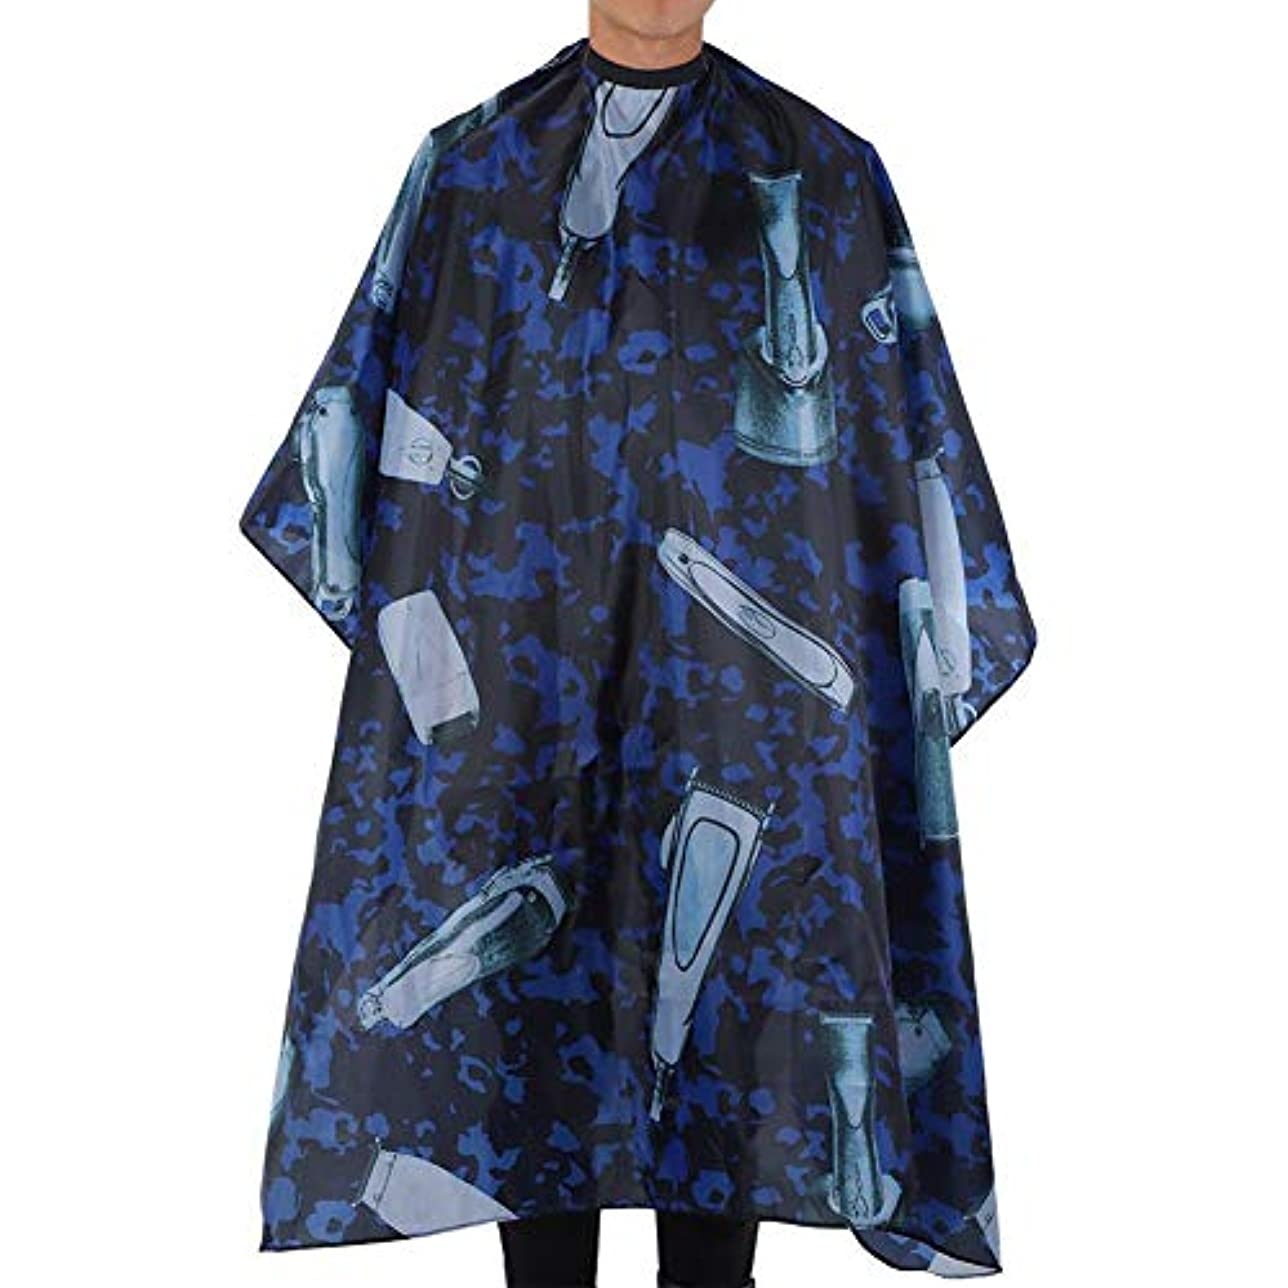 船酔い祝福する理解プロのサロンケープ、理髪店(160 x 140 cm)の理髪エプロン髪カット染色ガウンケープ(青)